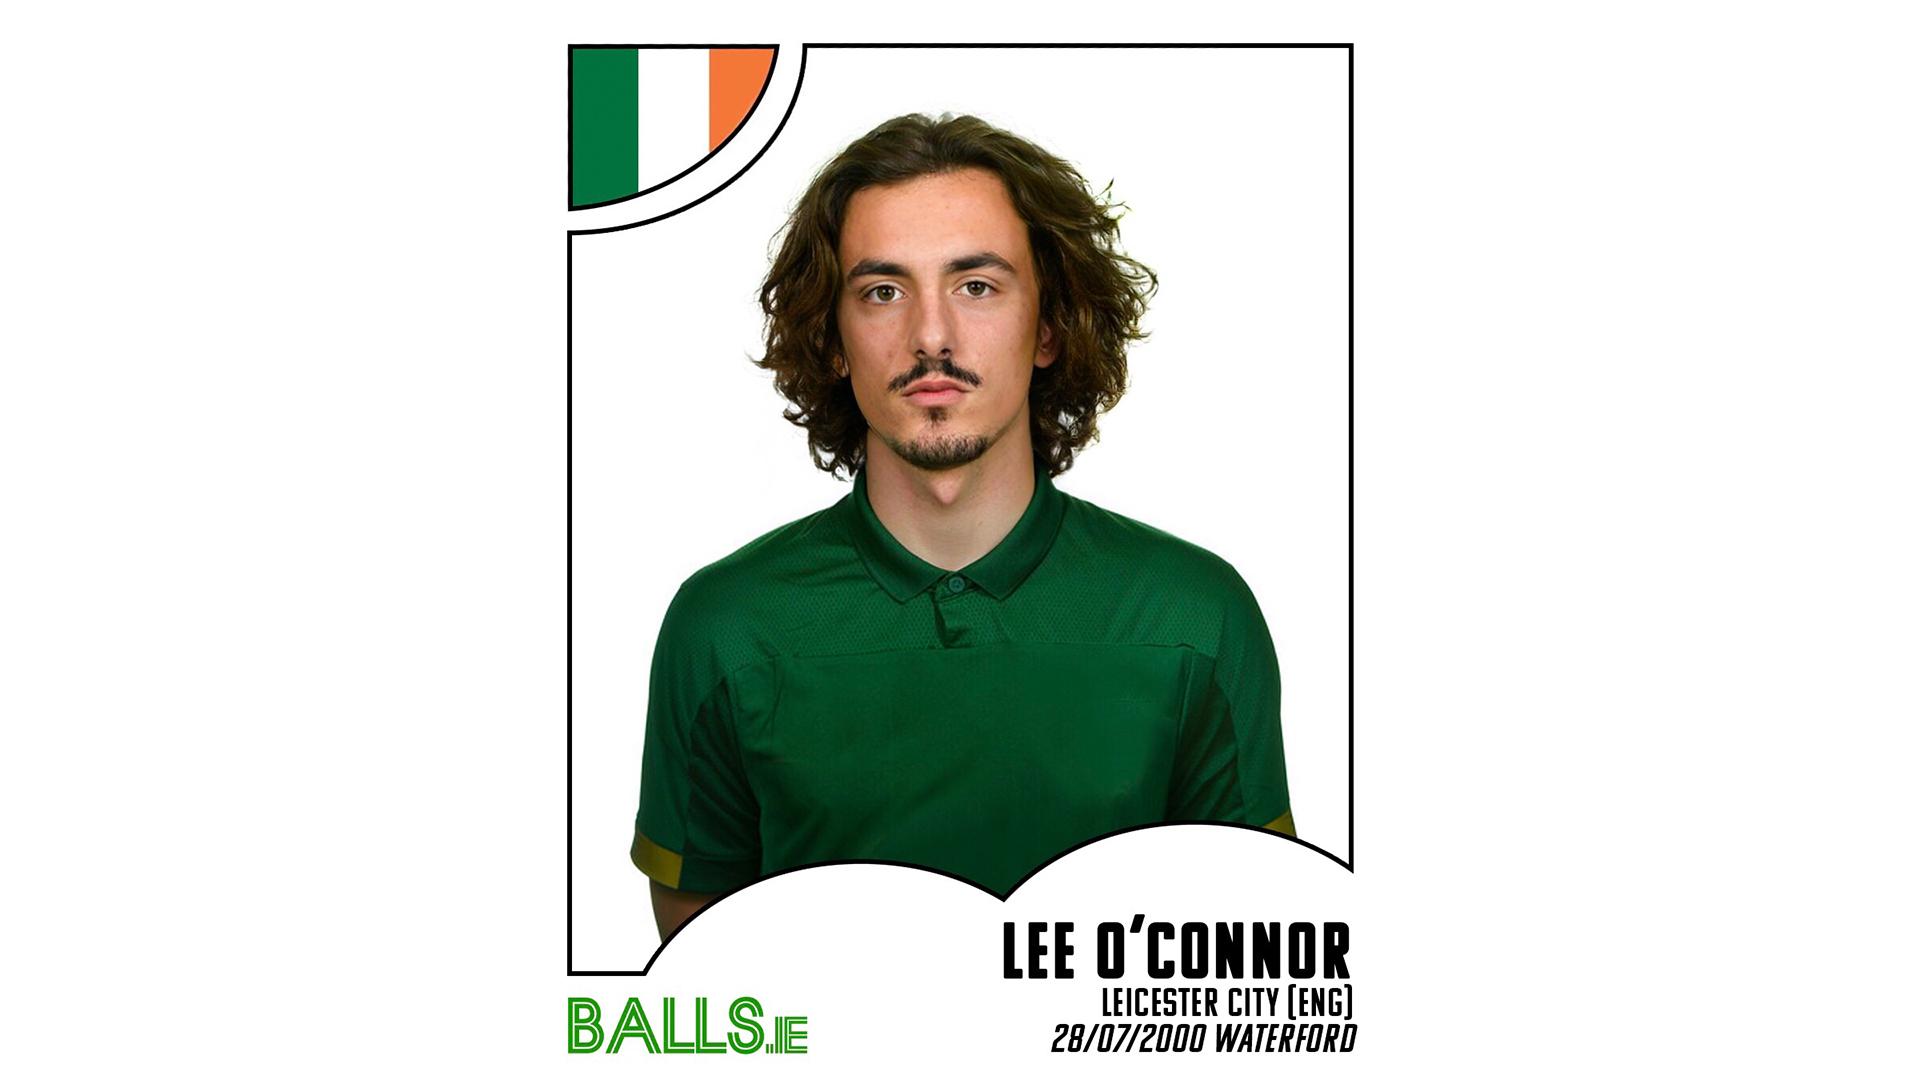 Lee O'Connor 2030